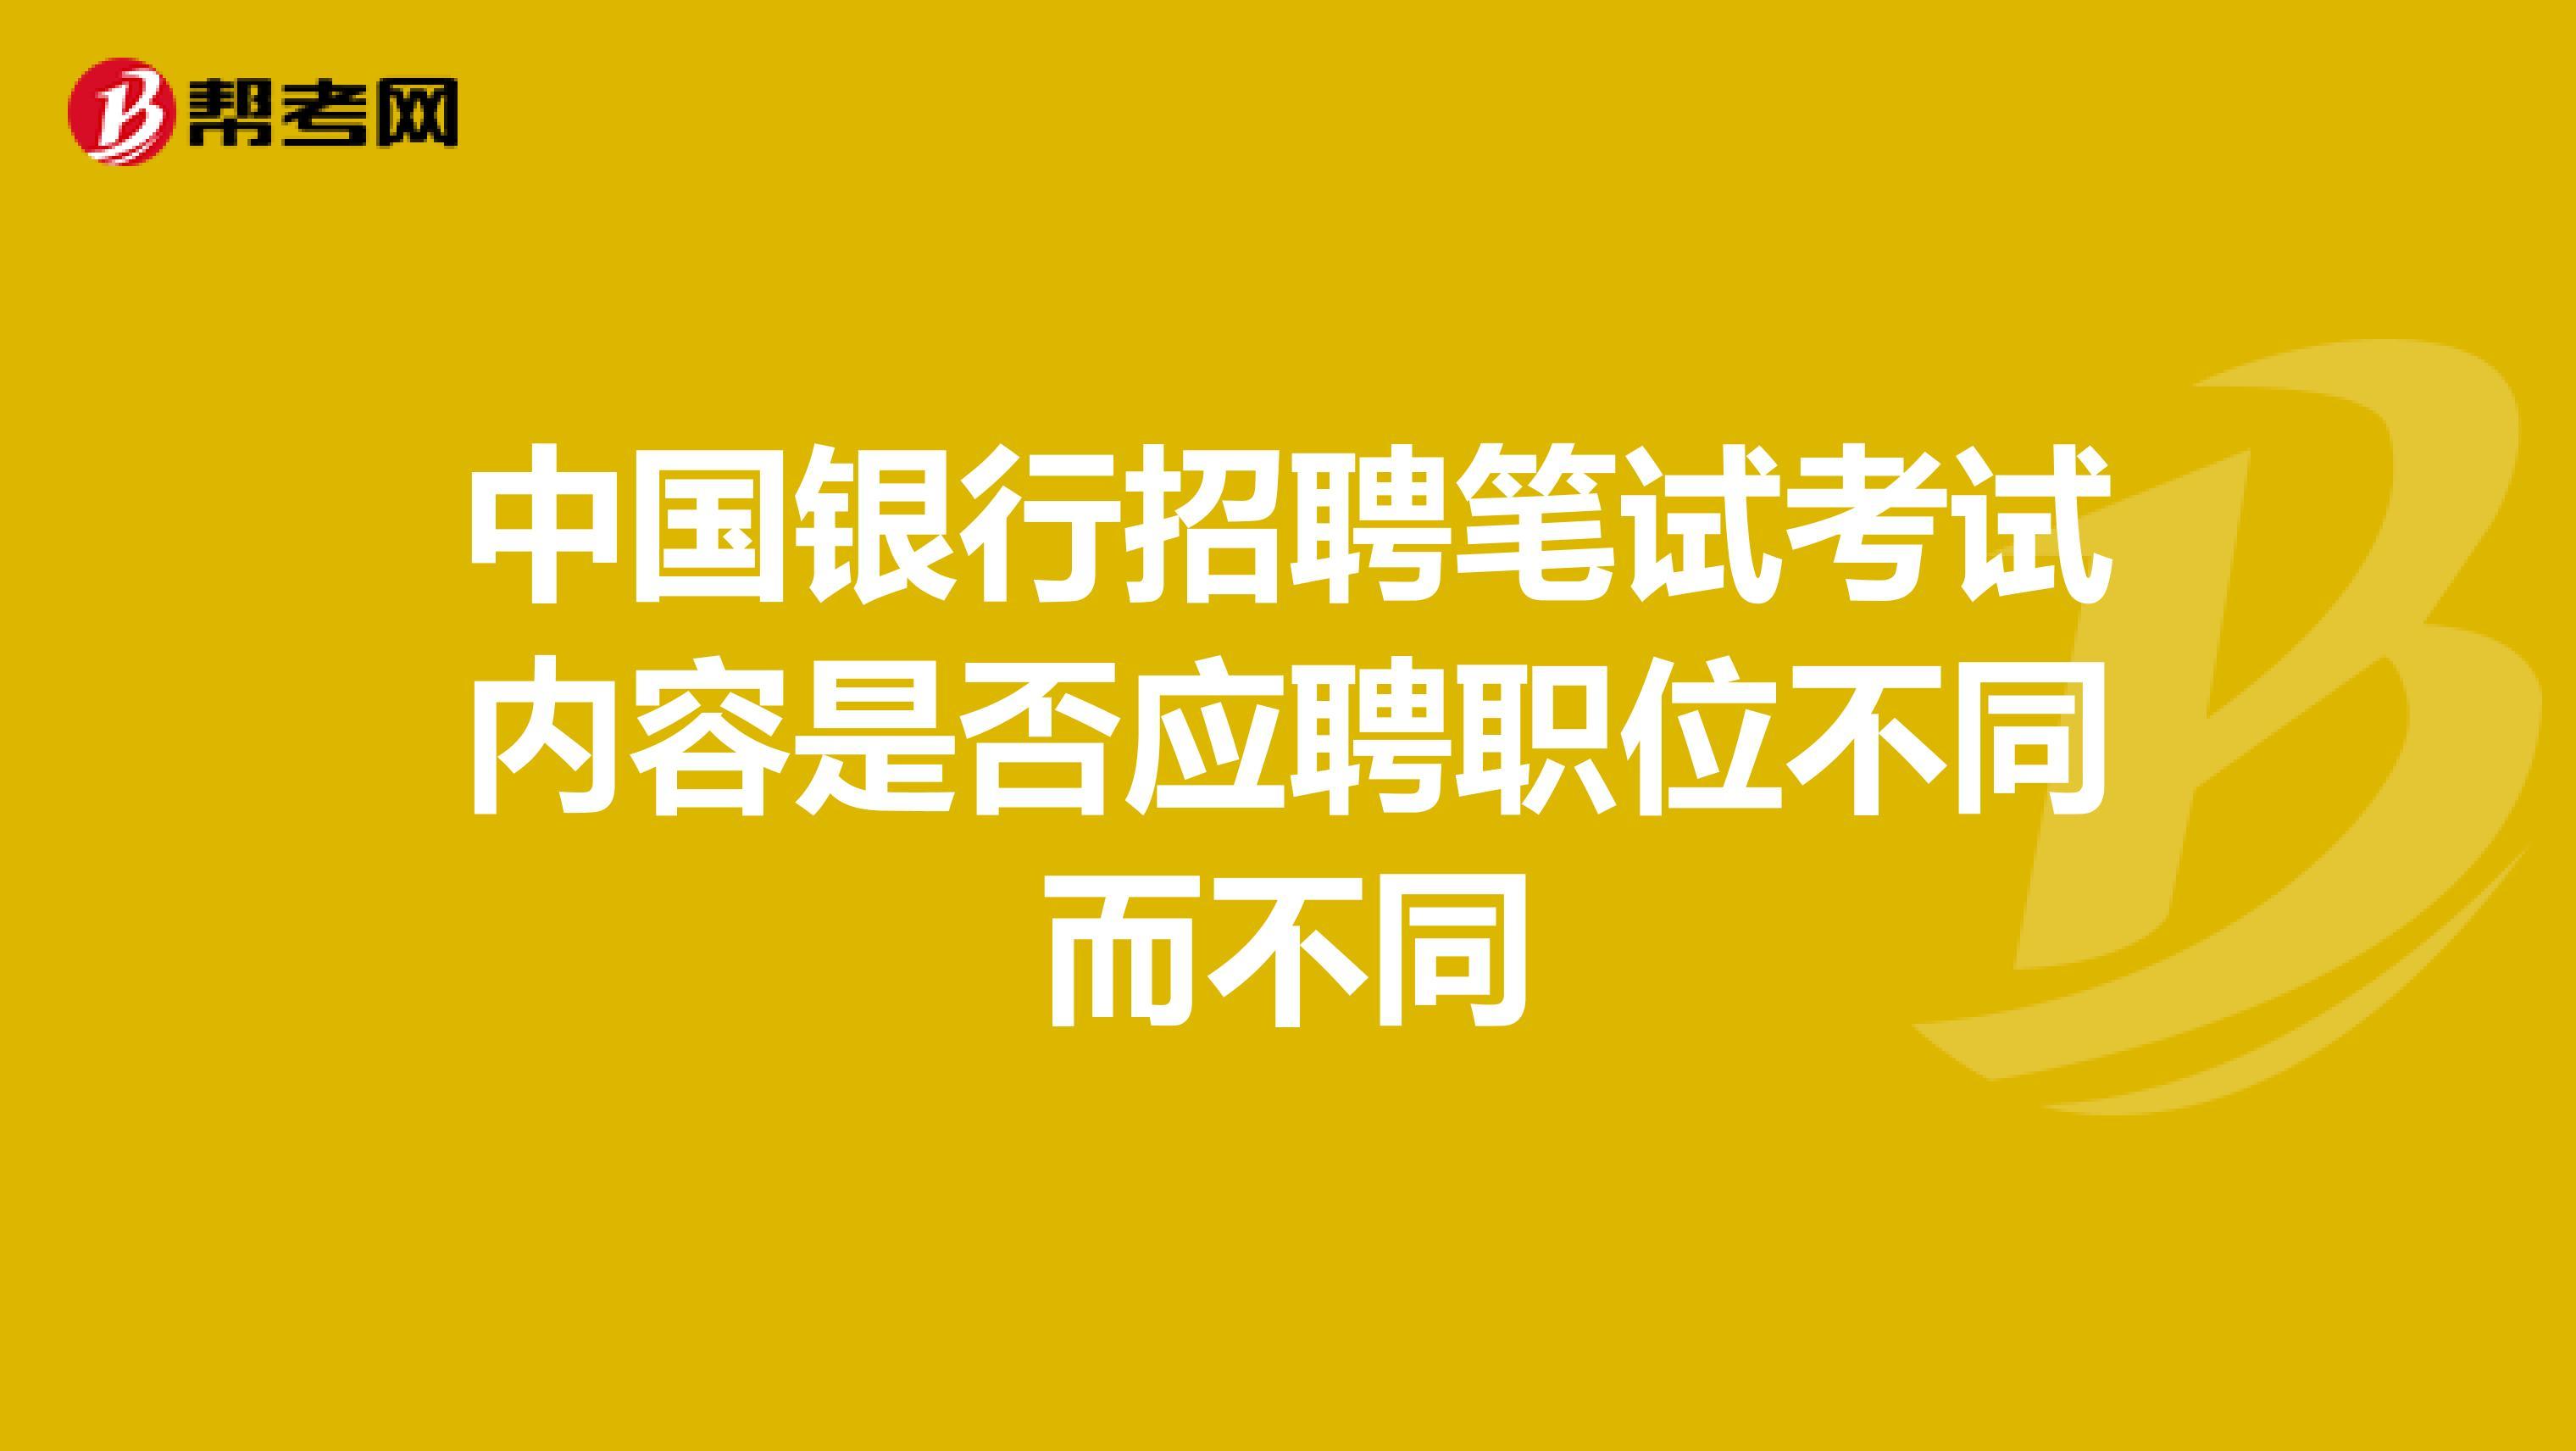 中国银行招聘笔试考试内容是否应聘职位不同而不同